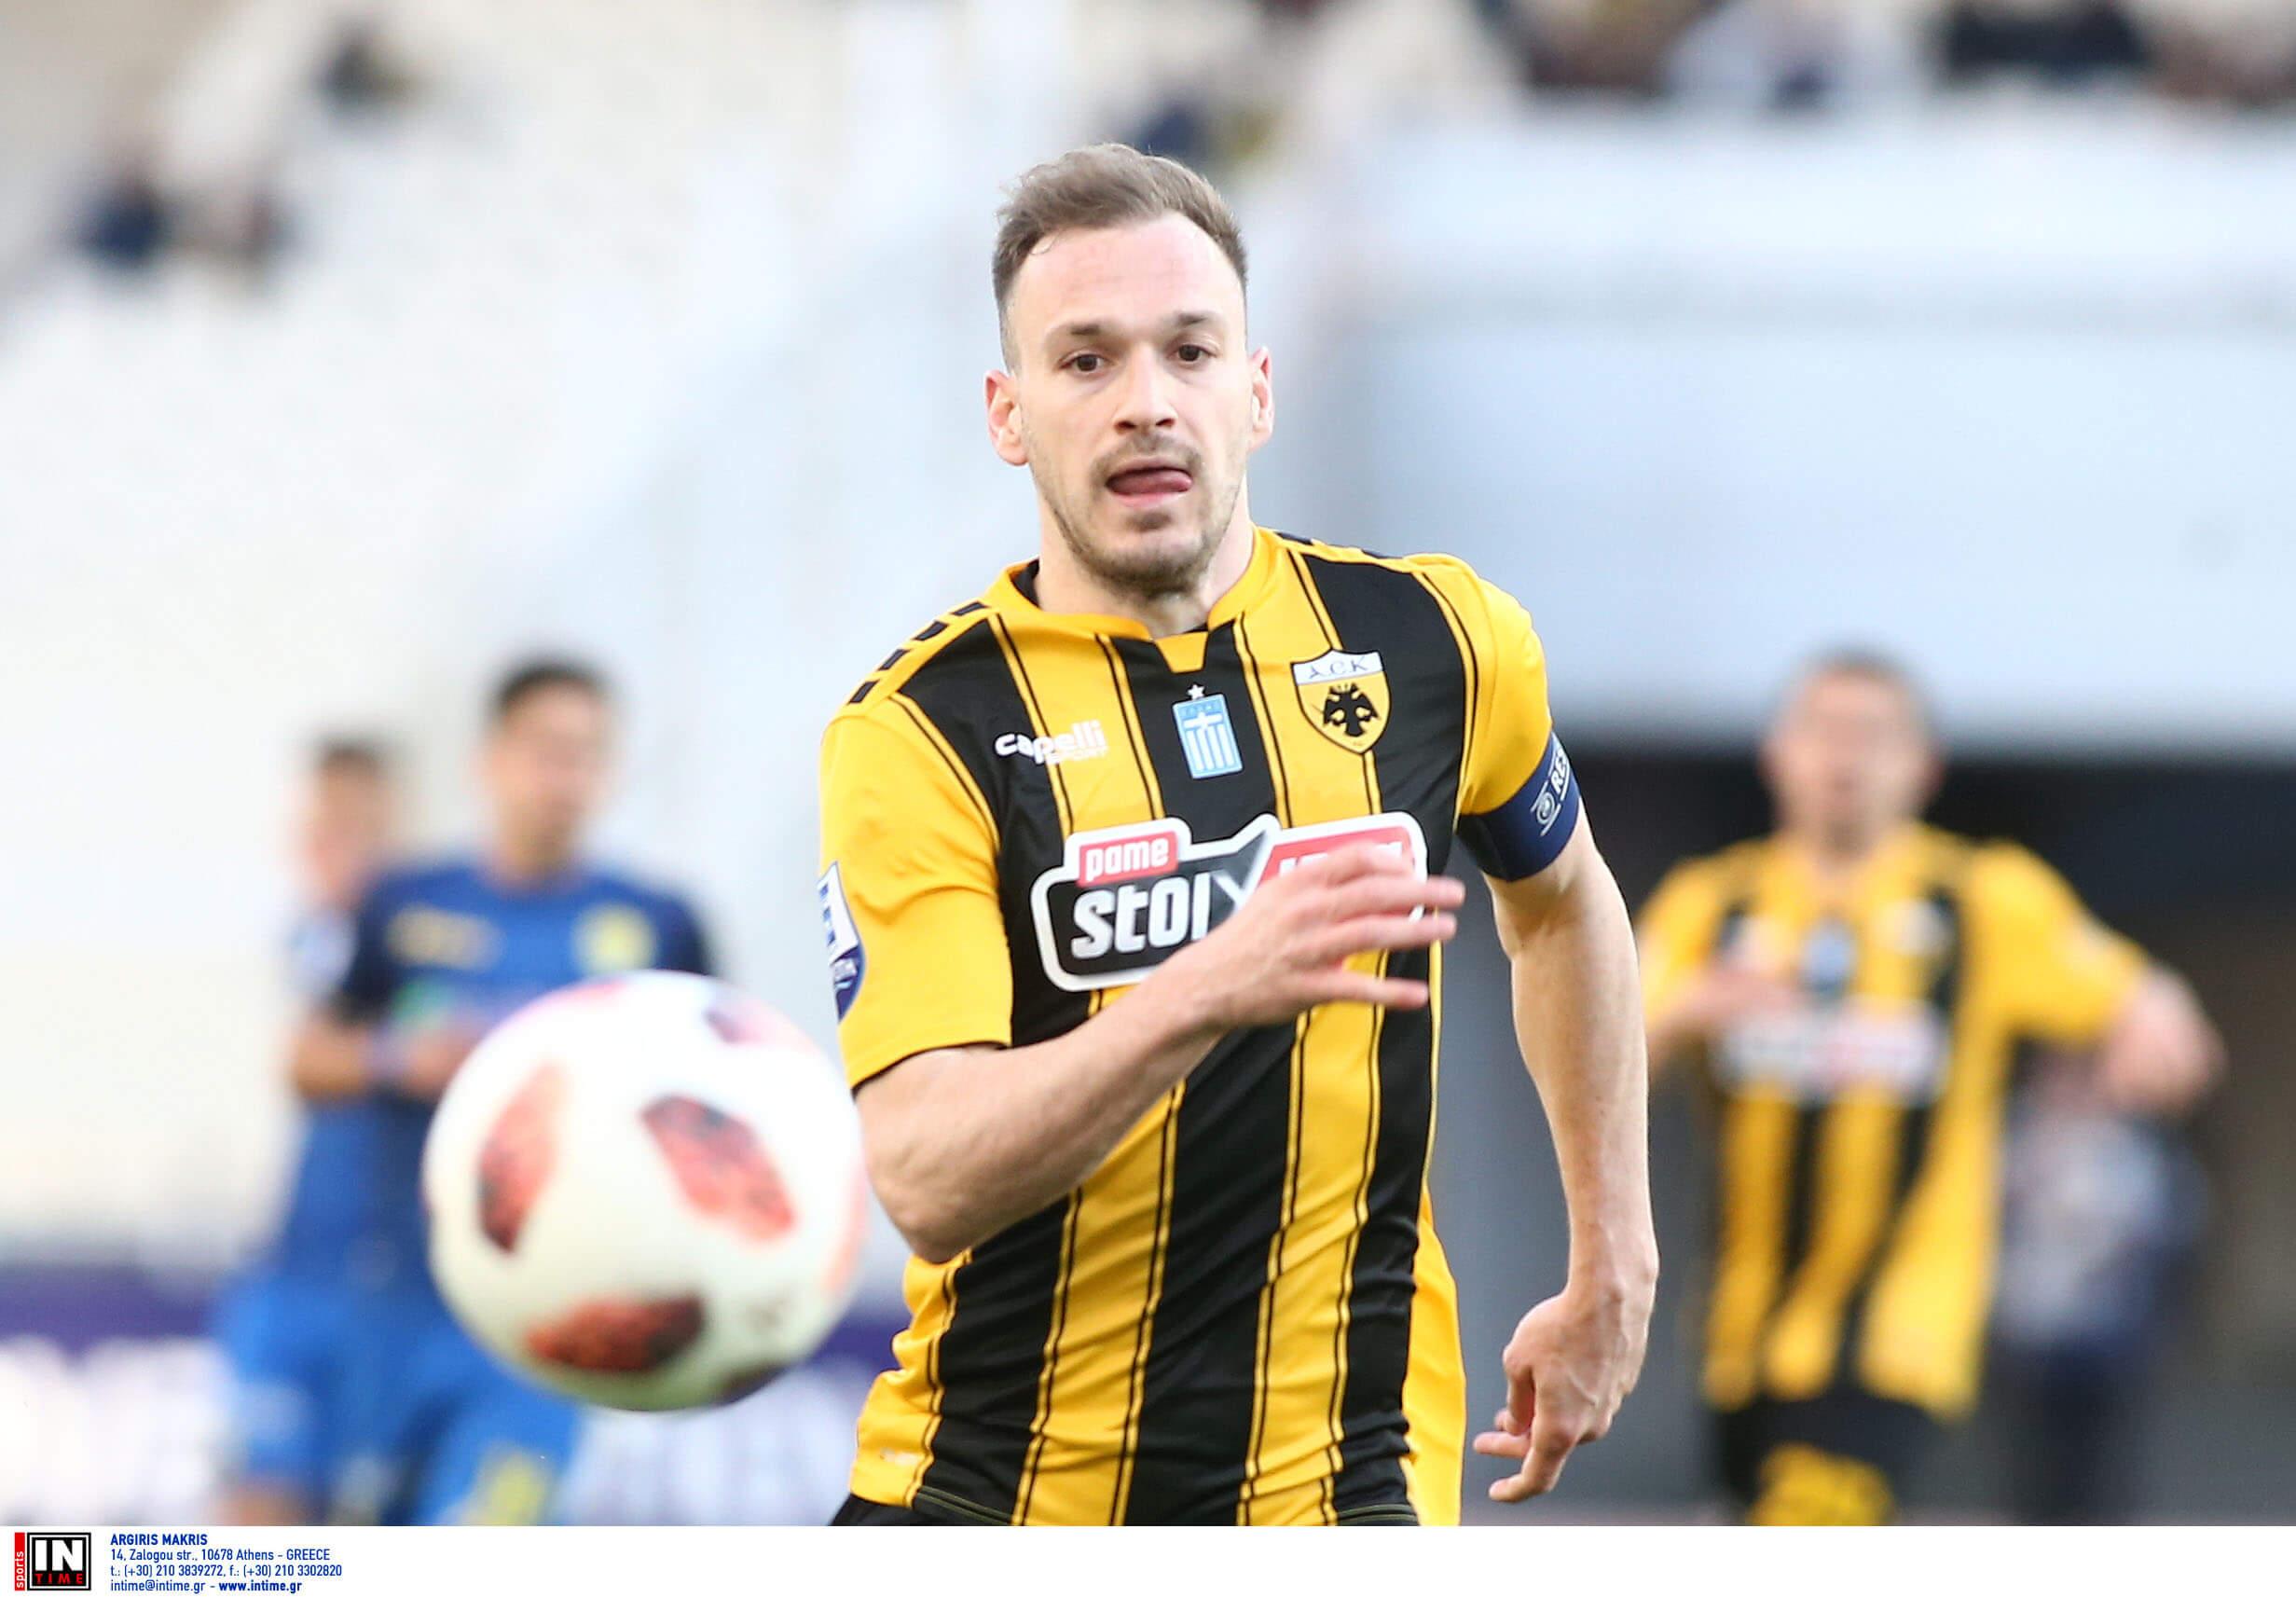 """Μπακάκης: """"Ευλογημένοι και τυχεροί αυτοί που θα μπουν στο νέο γήπεδο της ΑΕΚ"""" (video)"""